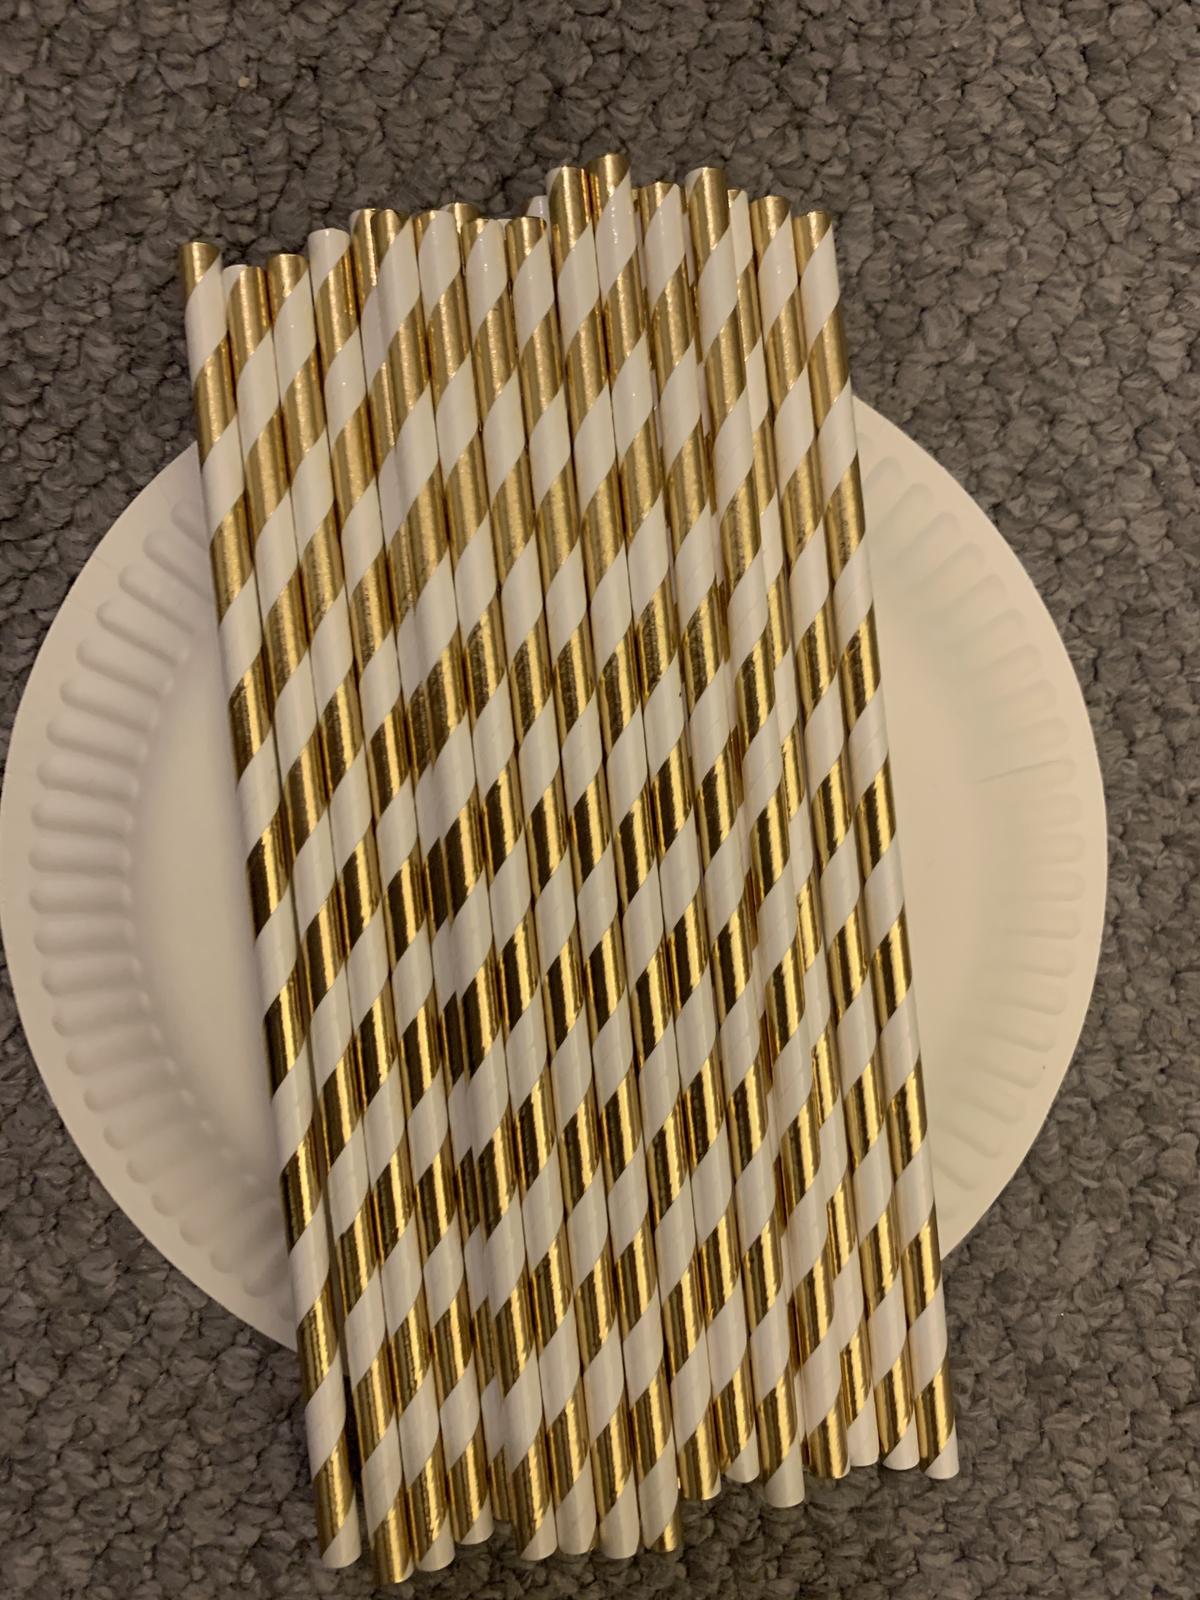 Zlatá a zlato-bílá papírová brčka - Obrázek č. 4